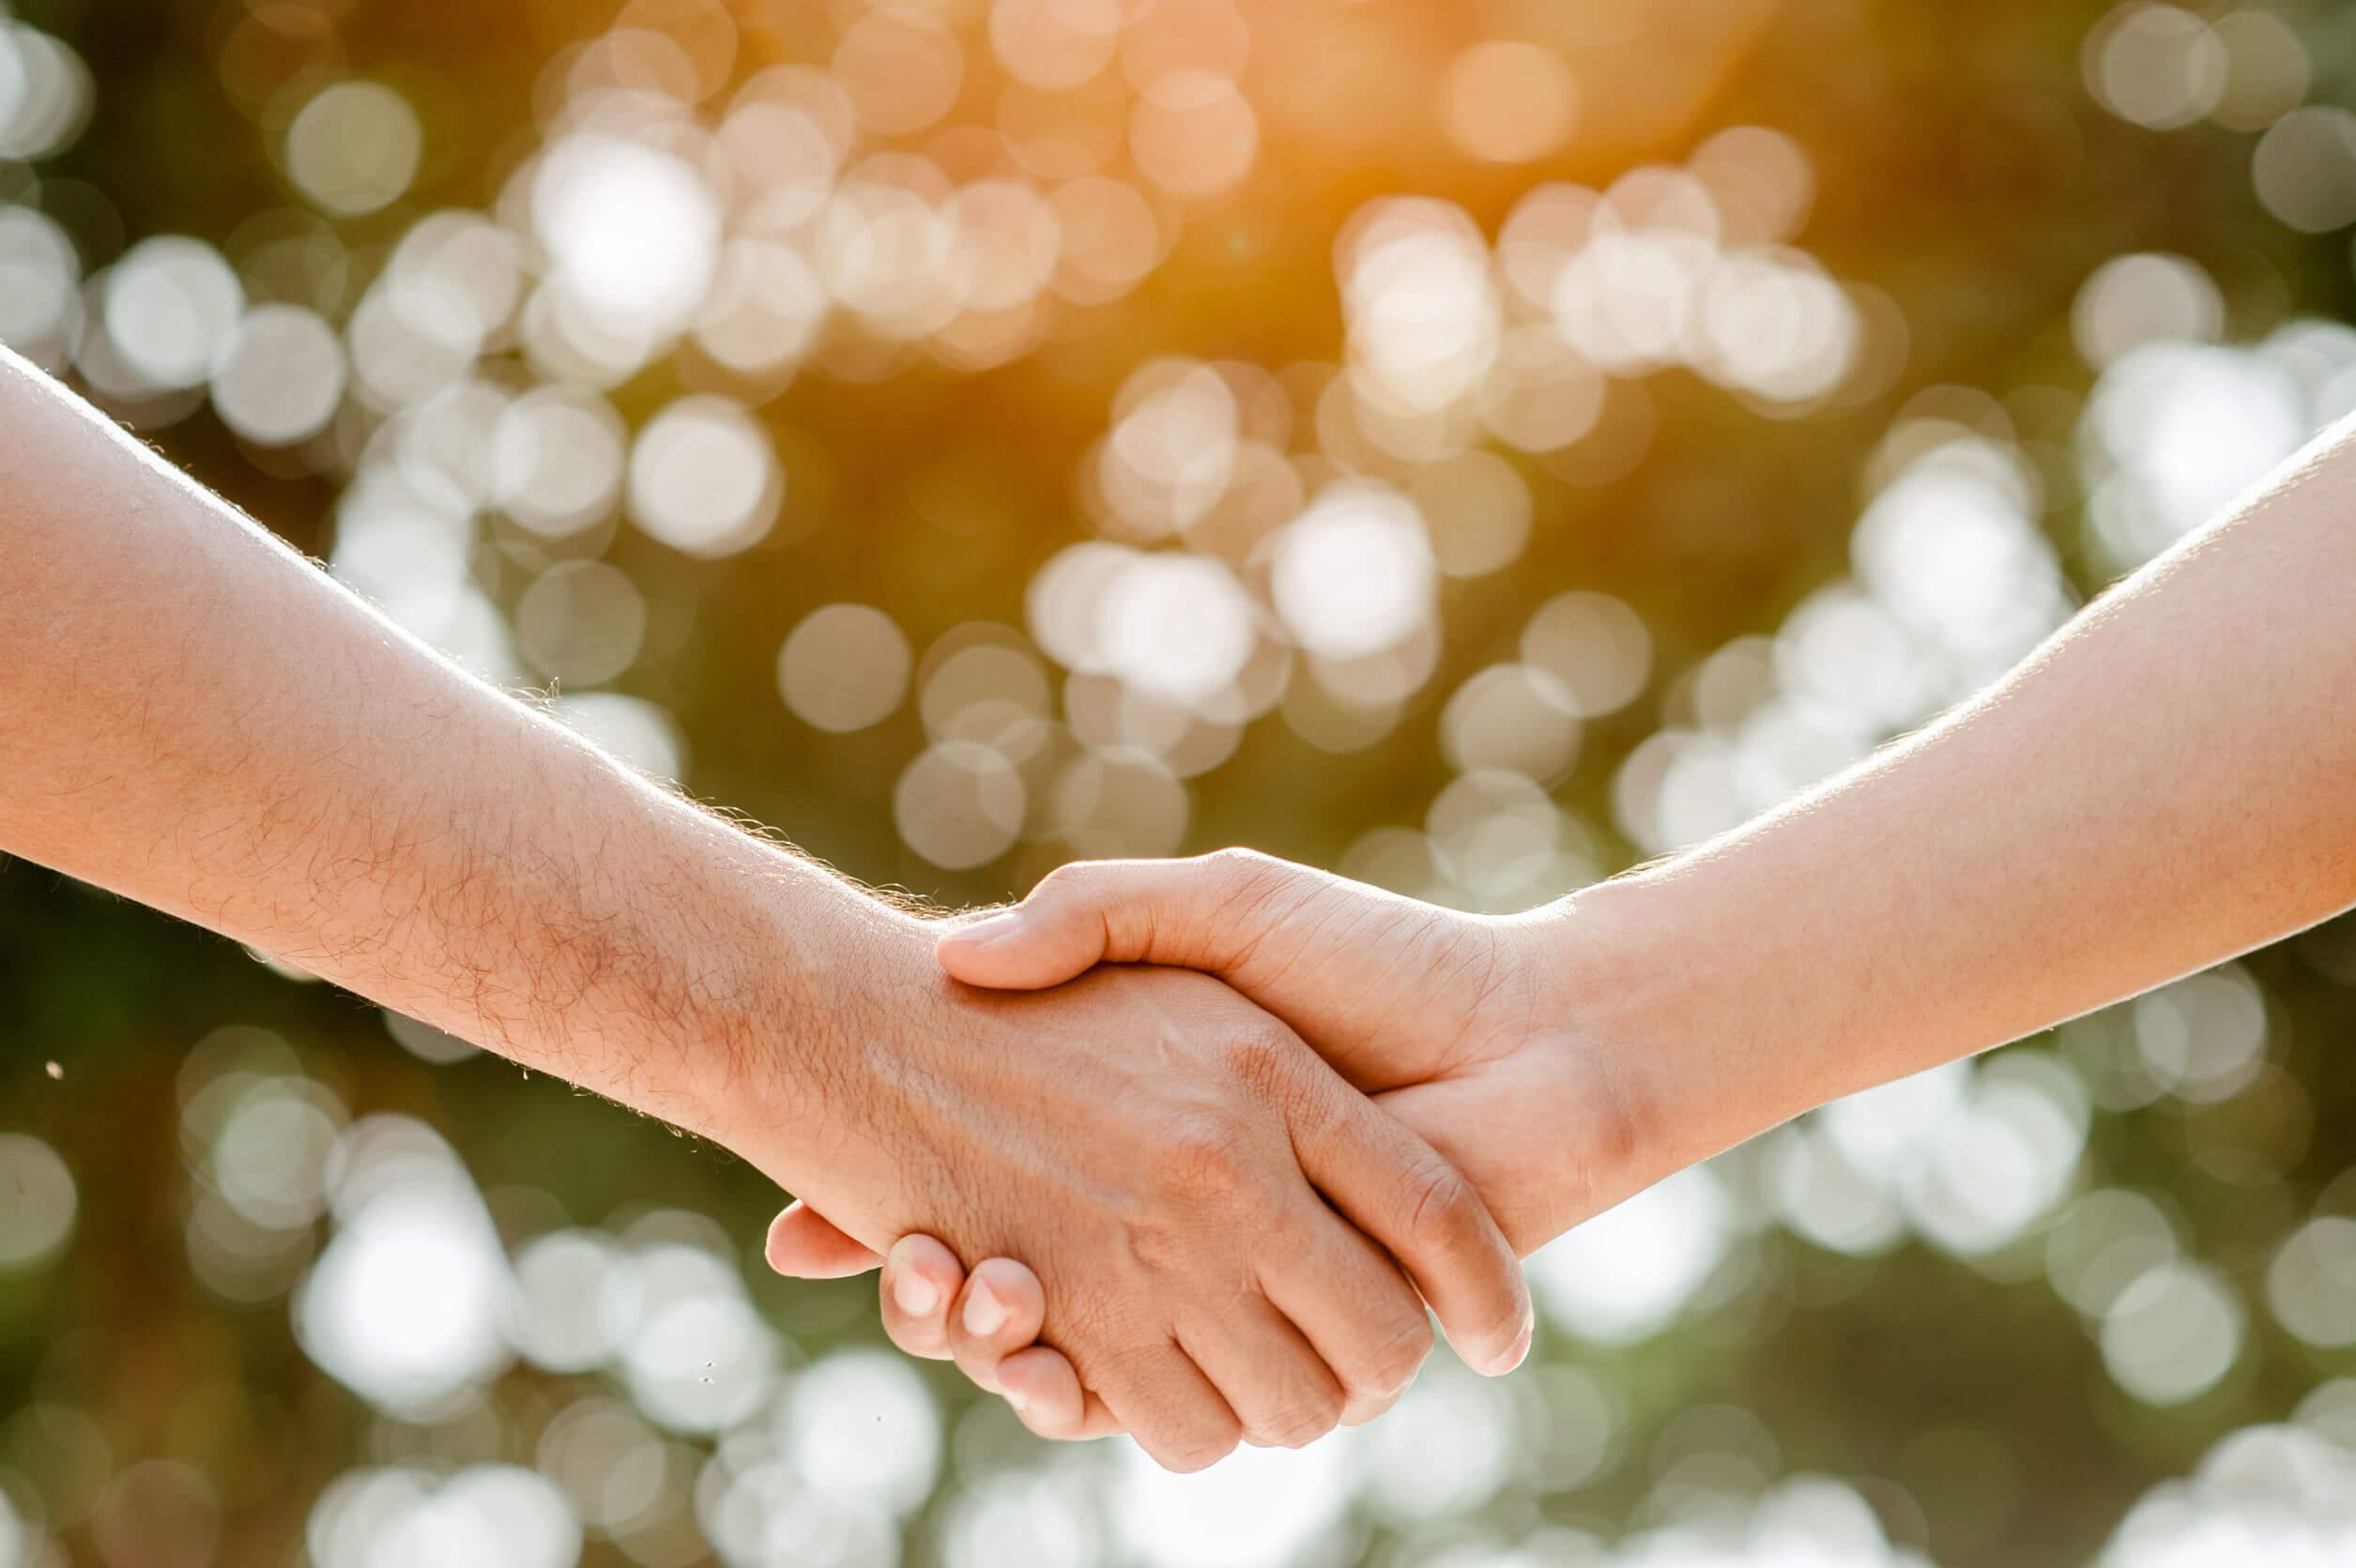 פינת נעים להכיר ומבוא לחוויה הרגשית הכרוכה במפגש אישי ובינאישי.